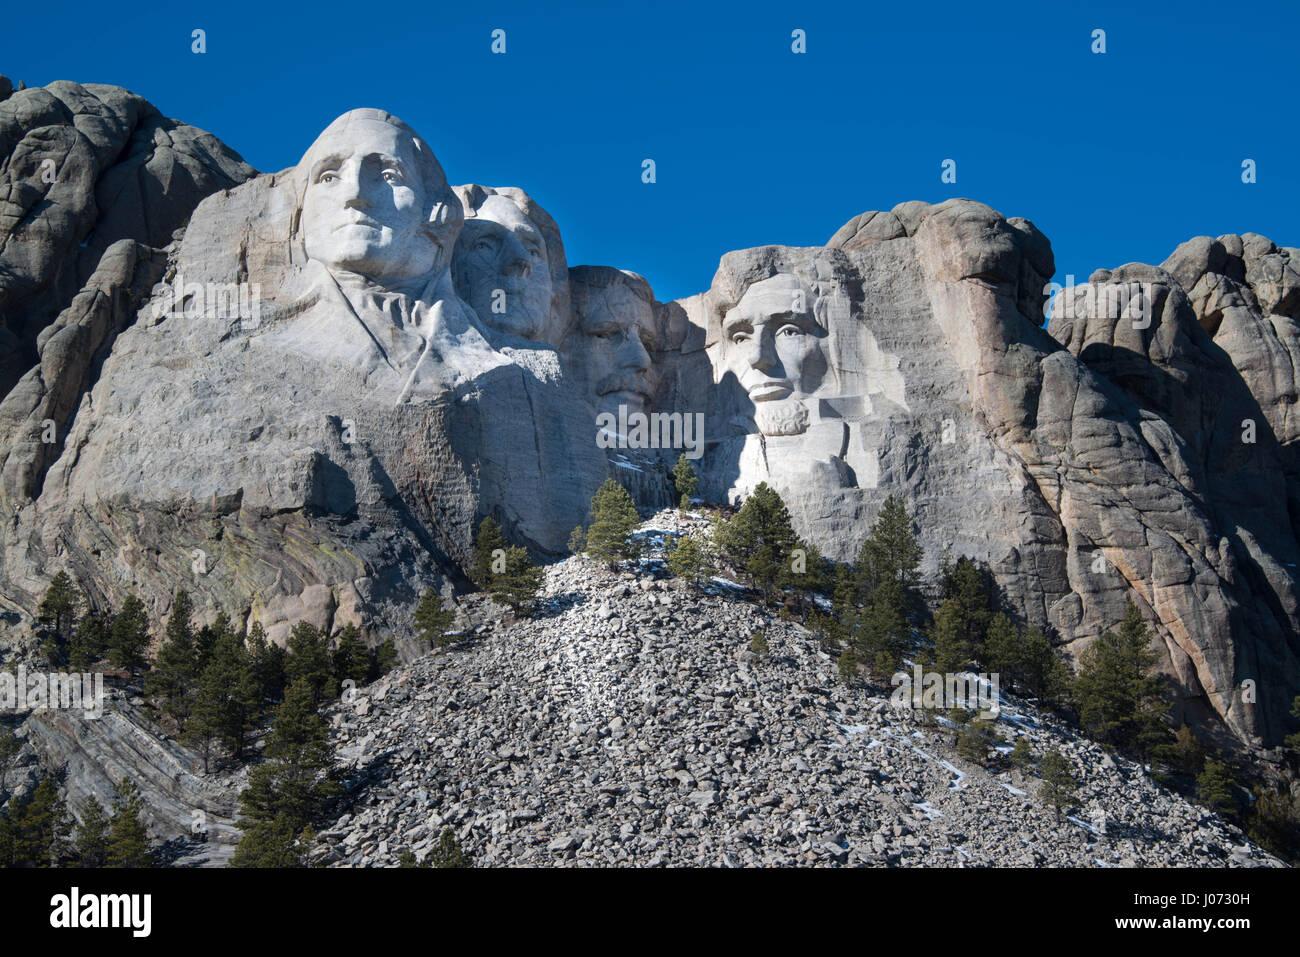 Mount Rushmore Memorial Monument ist ein beliebtes Touristenziel in den Black Hills von South Dakota Stockbild